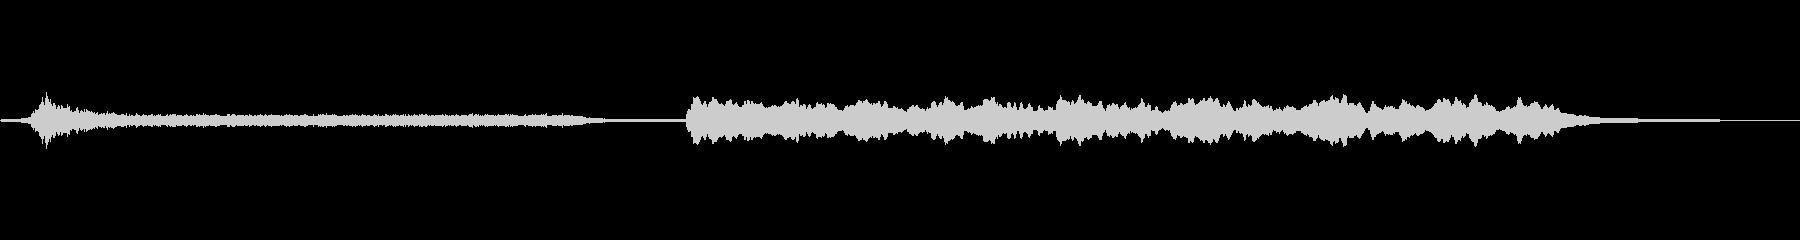 ドリームサウンド-脈動_テンション-電子の未再生の波形